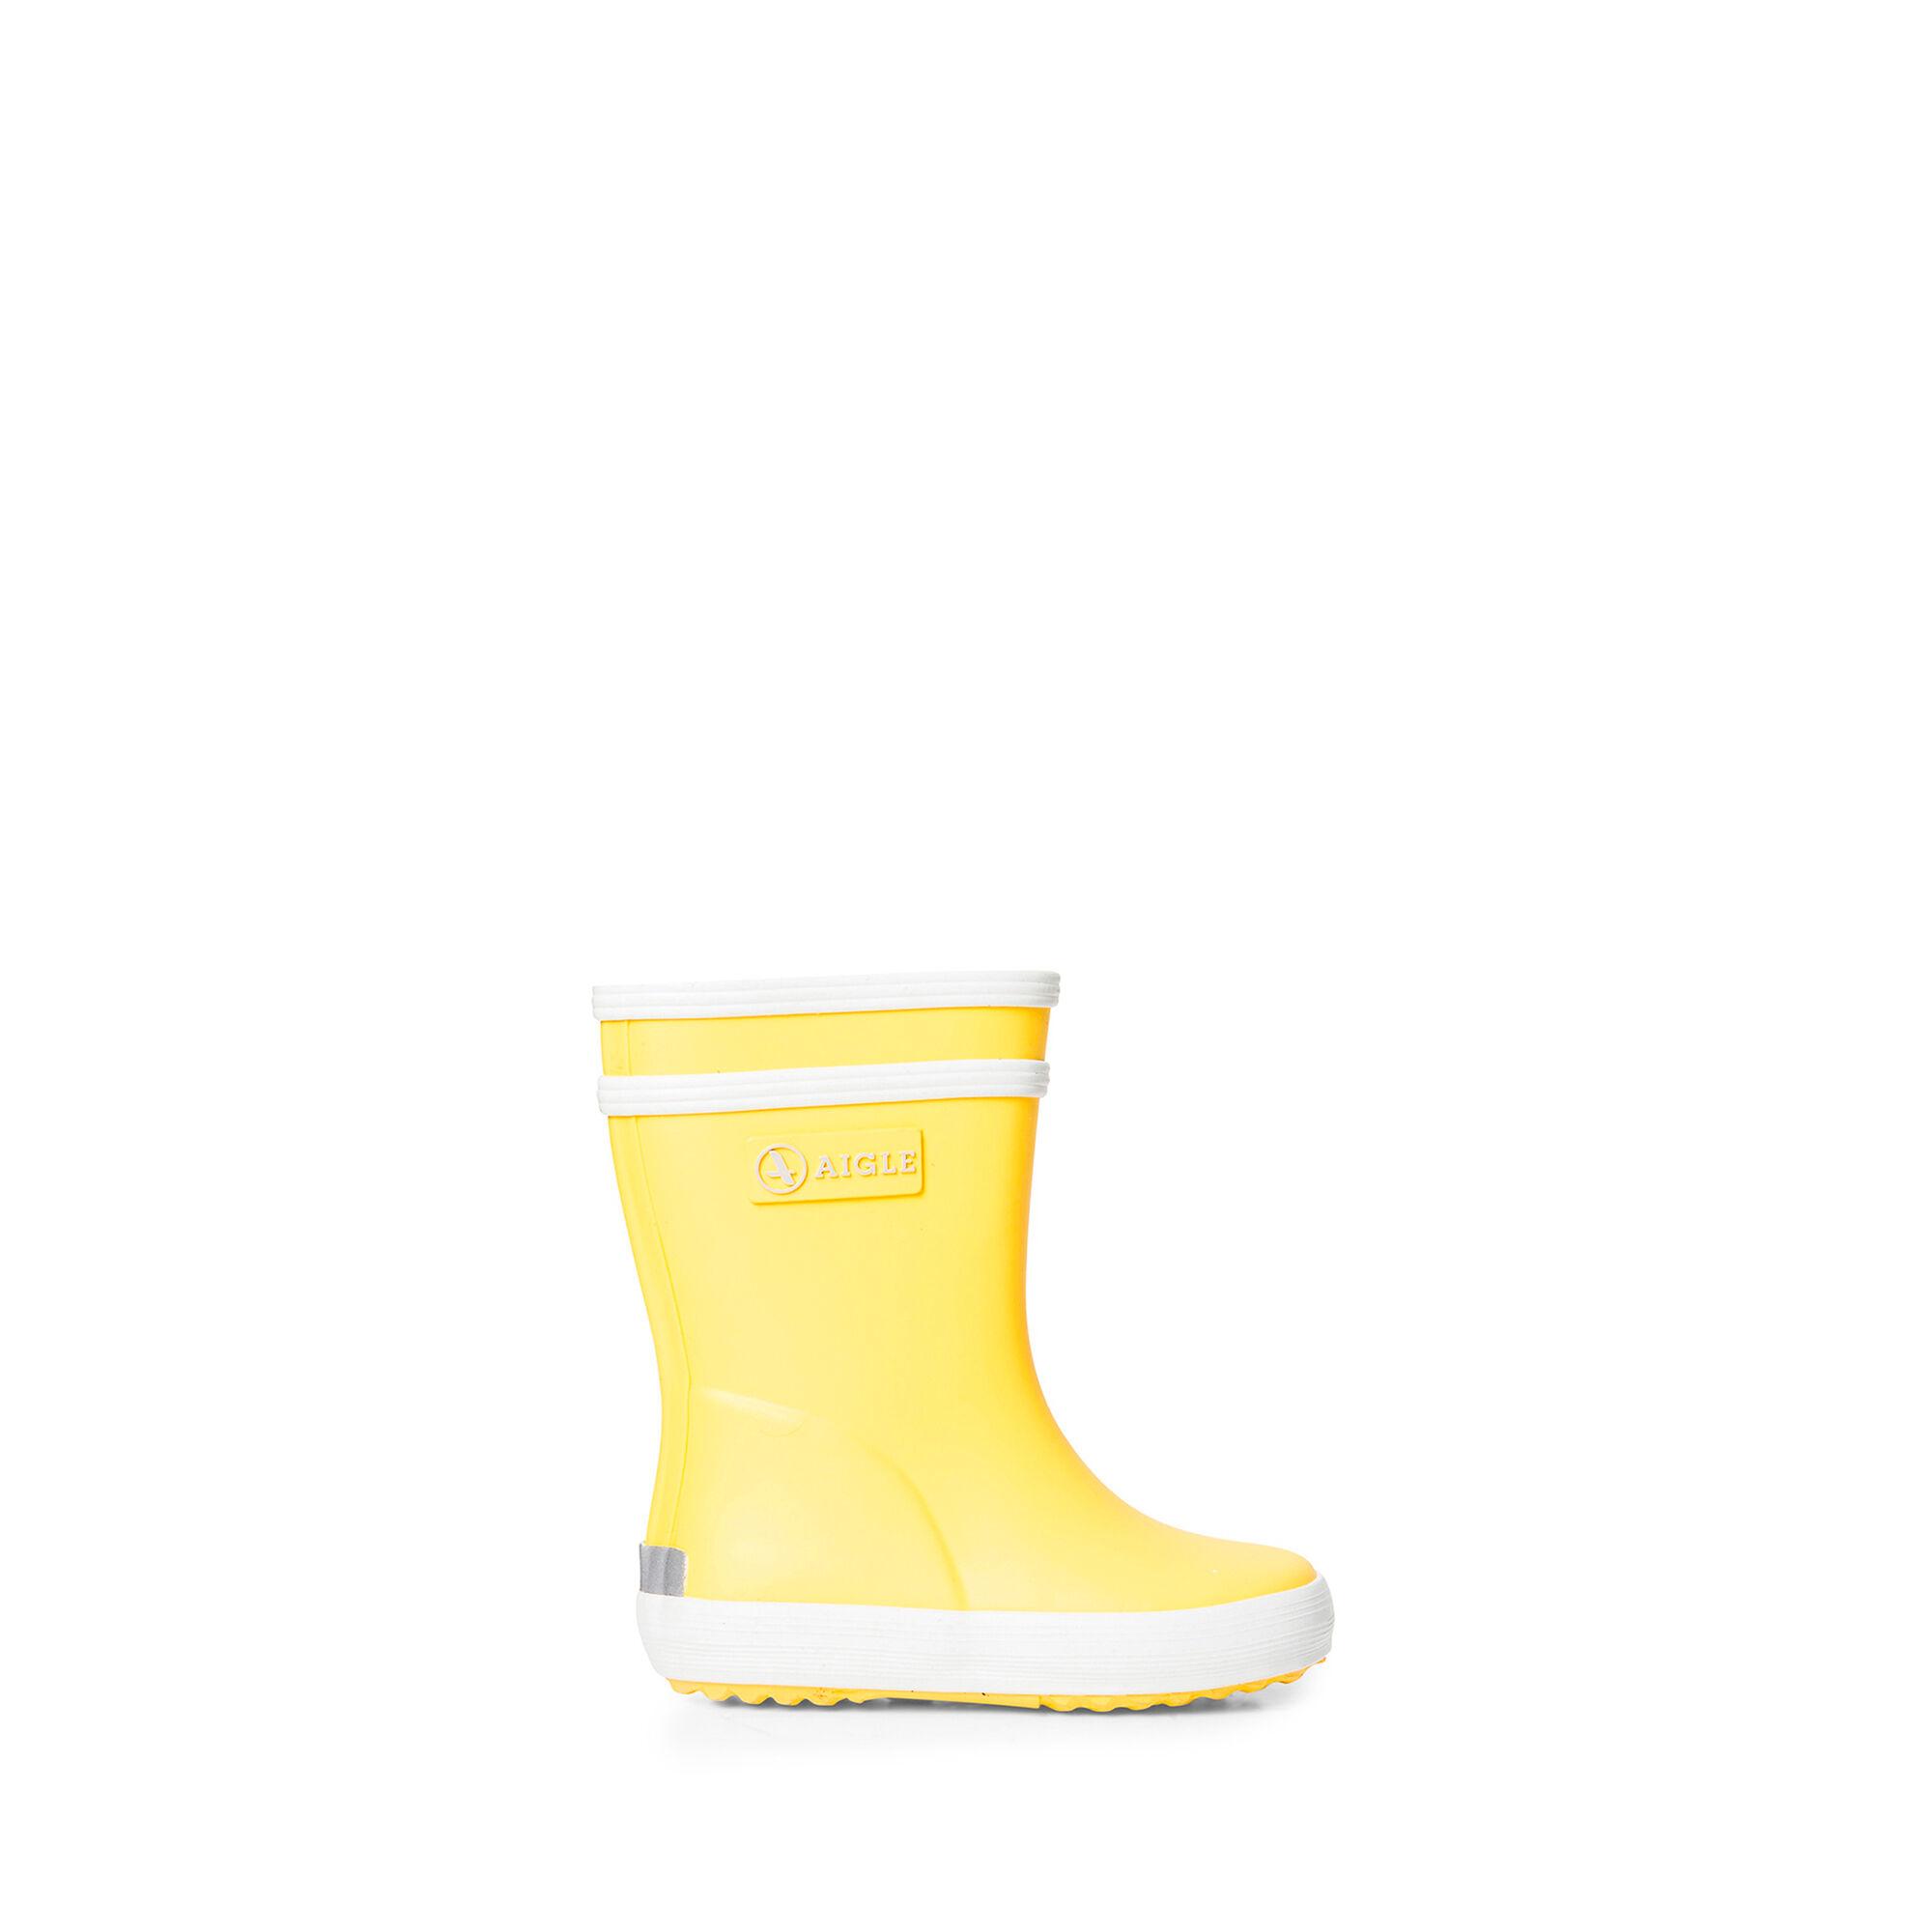 Botte de pluie enfant jaune